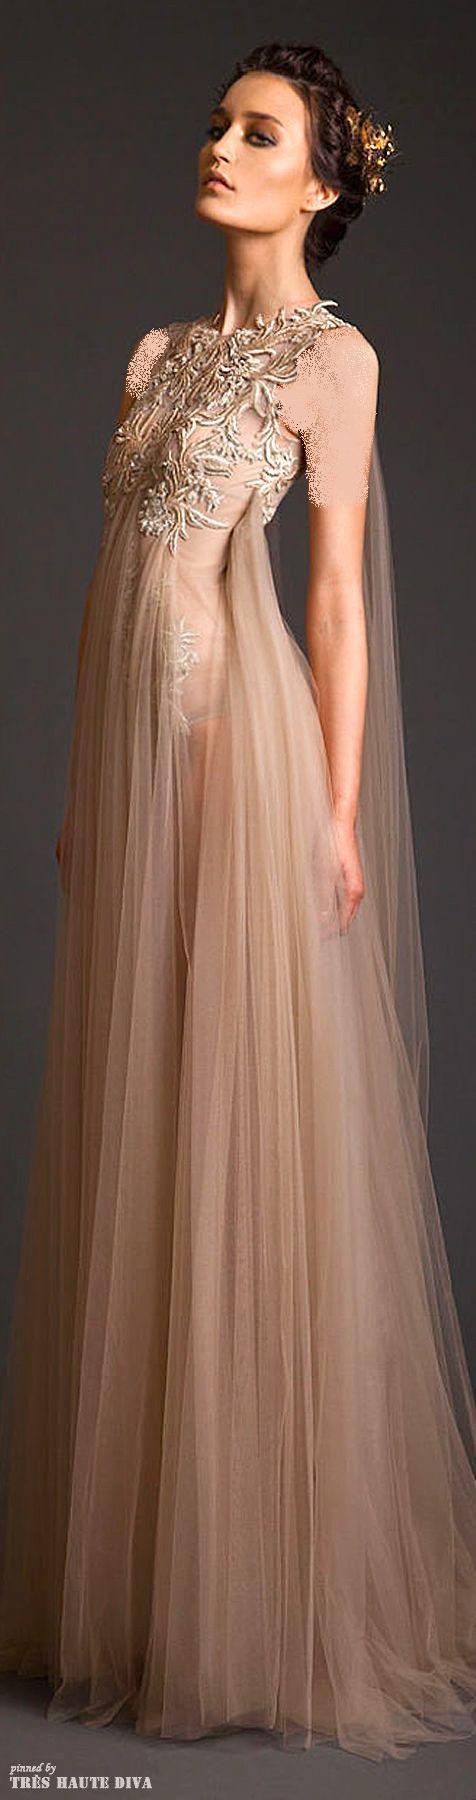 جدیدترین مدل لباس مجلسی زنانه سال 94